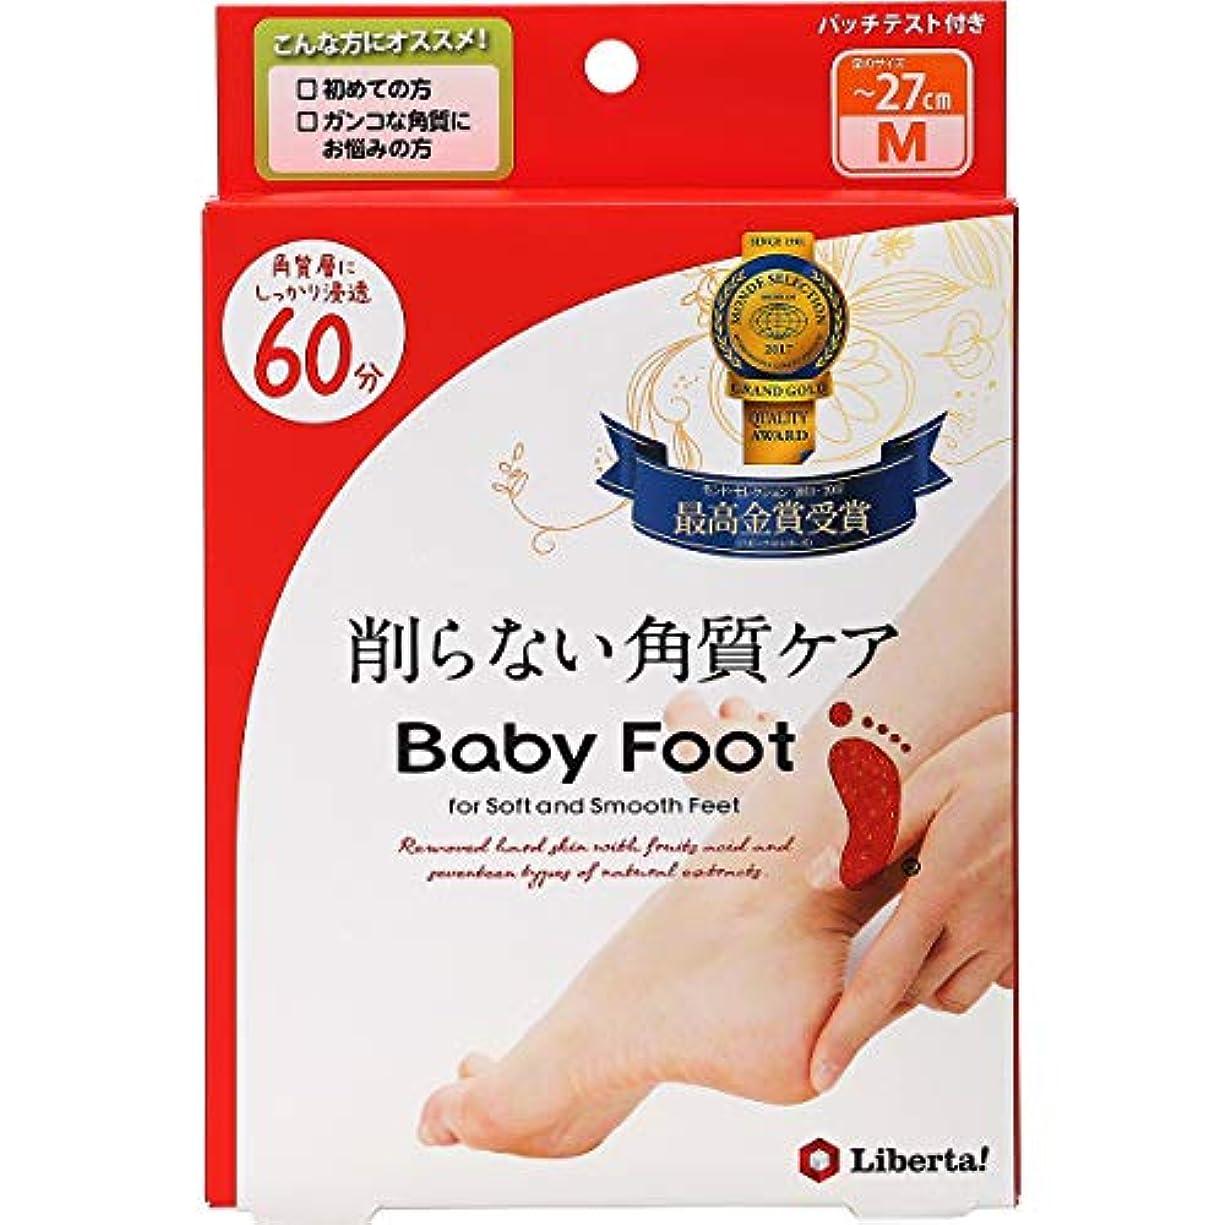 自発的愛する教師の日ベビーフット (Baby Foot) ベビーフット イージーパック SPT60分タイプ Mサイズ 単品